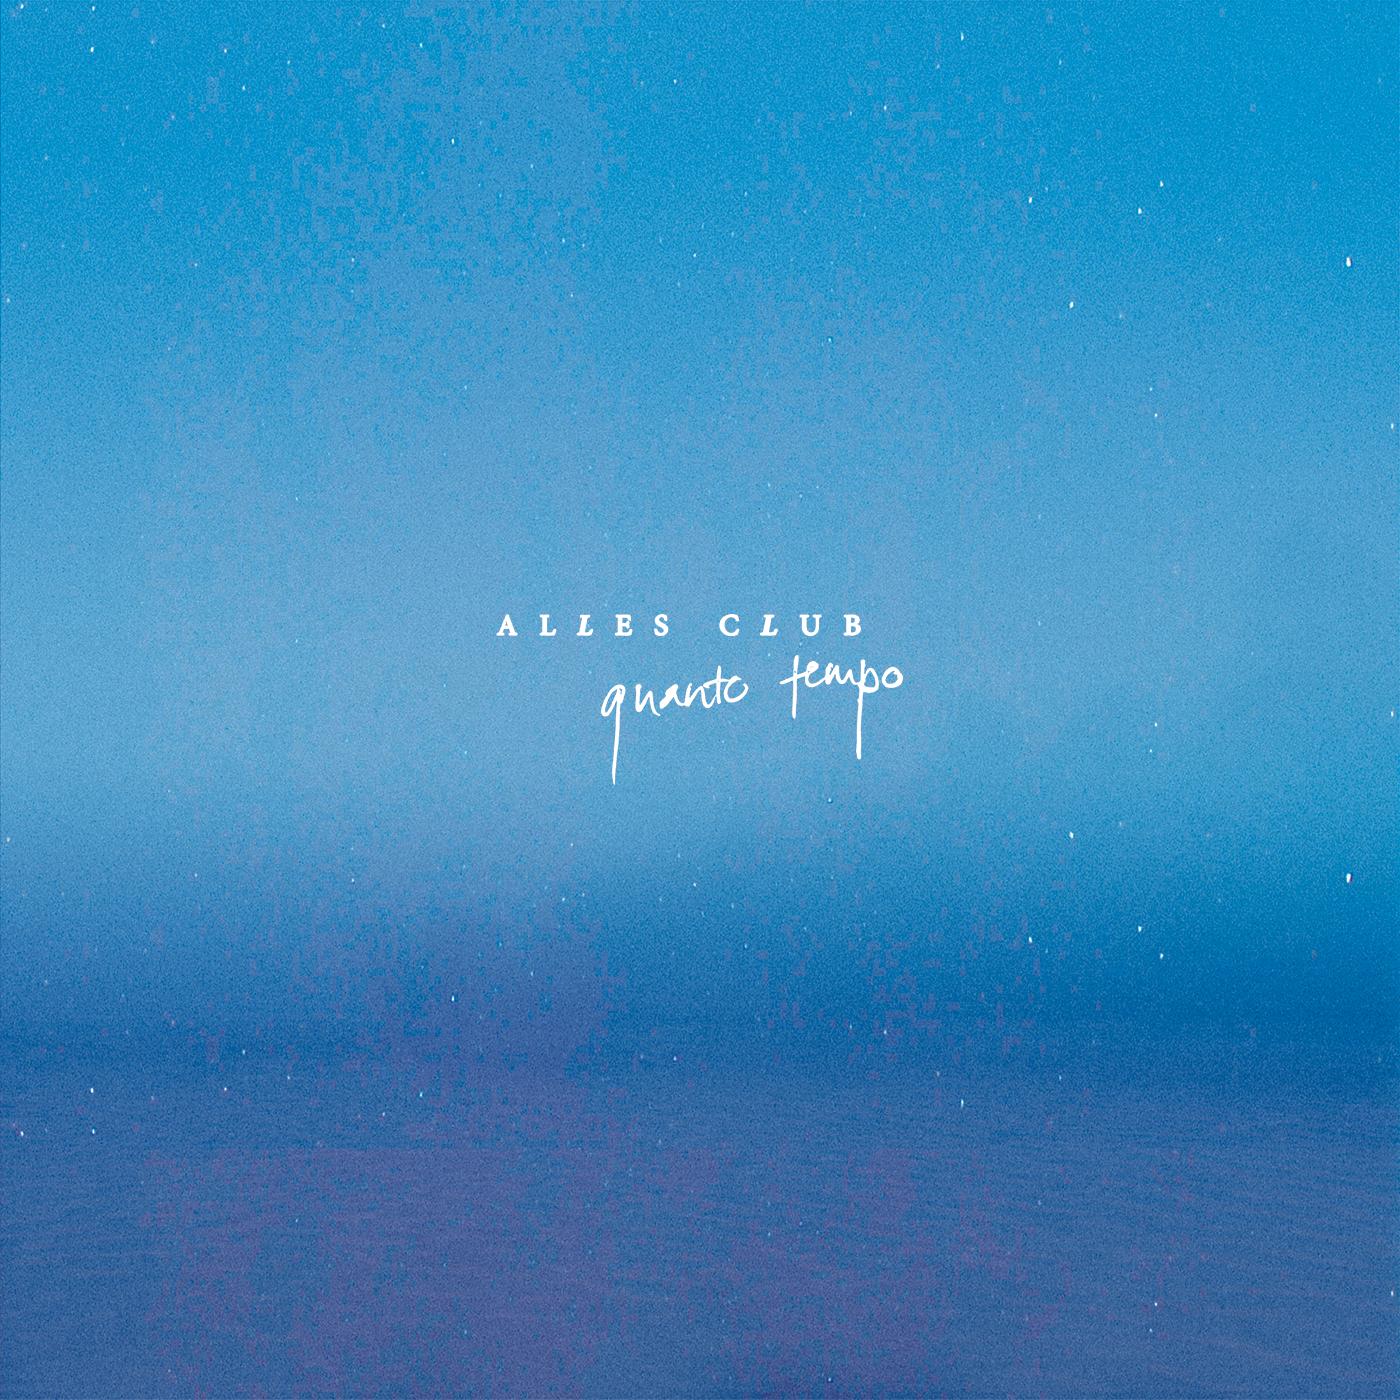 Cover developed for Alles Club's Single Quanto Tempo